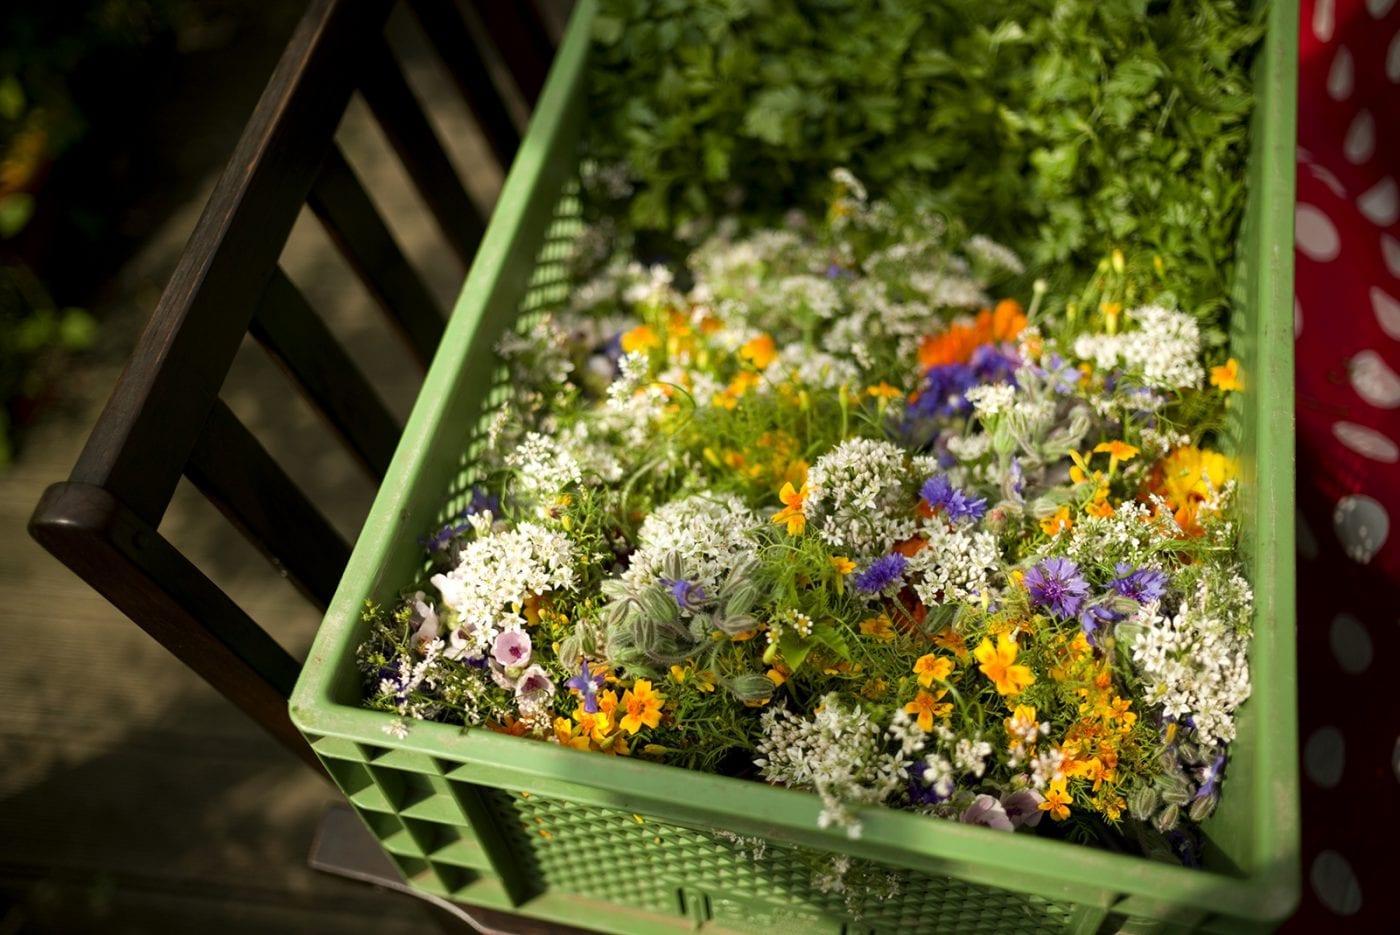 Mein Kraeuter und Blumen Kochbuch – Kraeuter binden